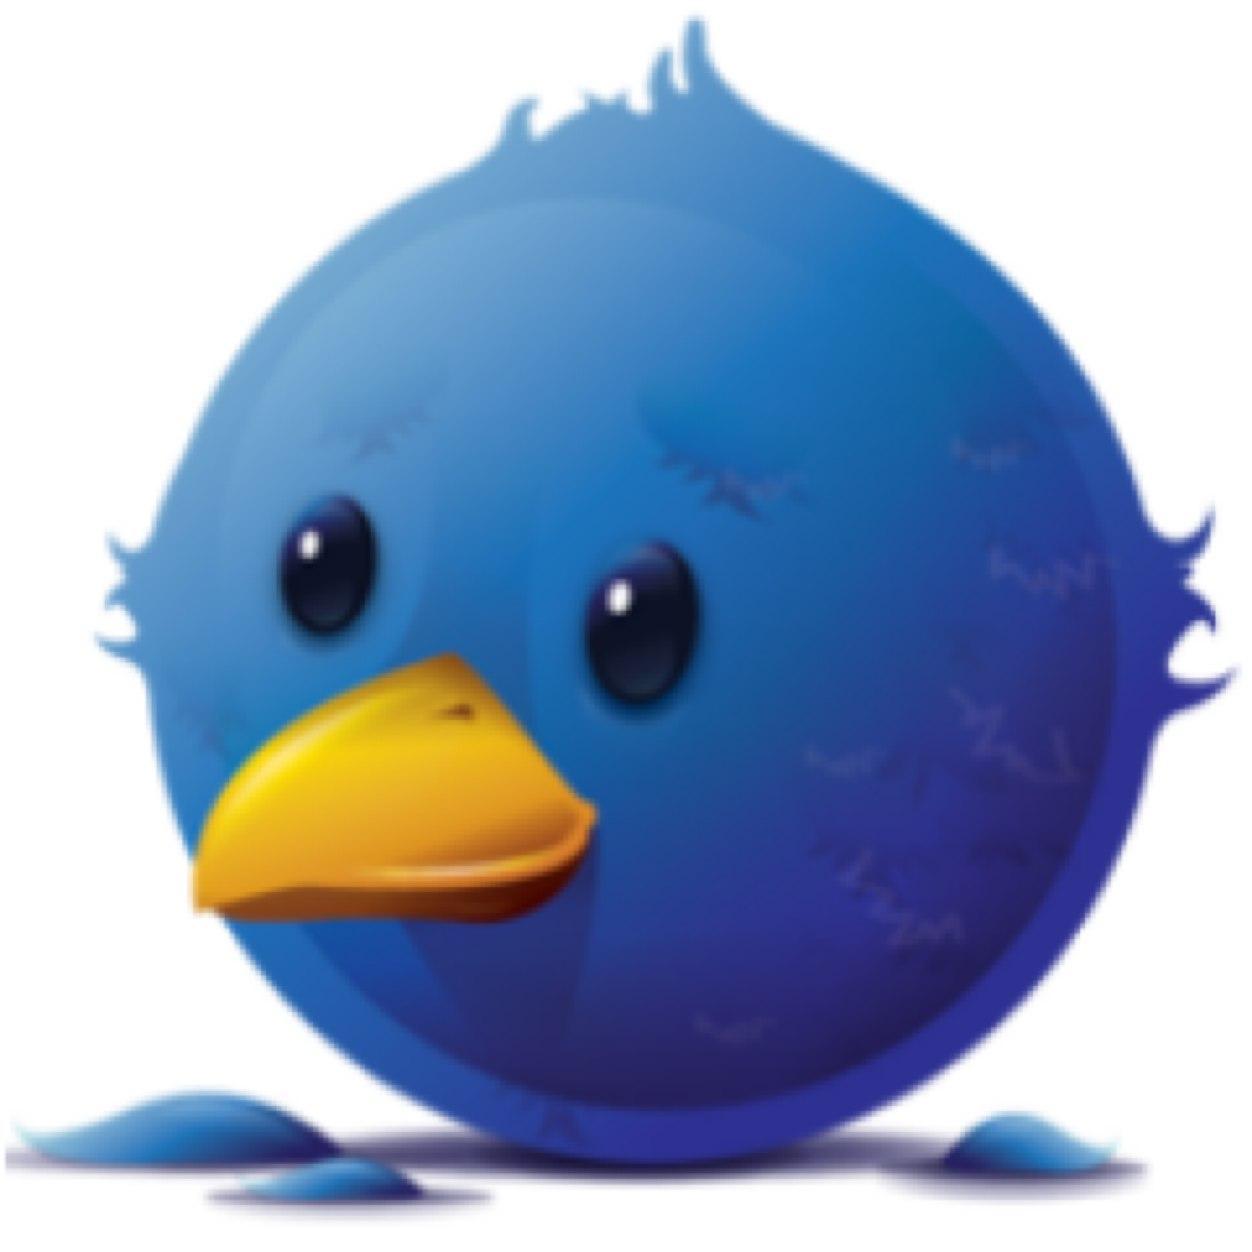 Tweet12312345